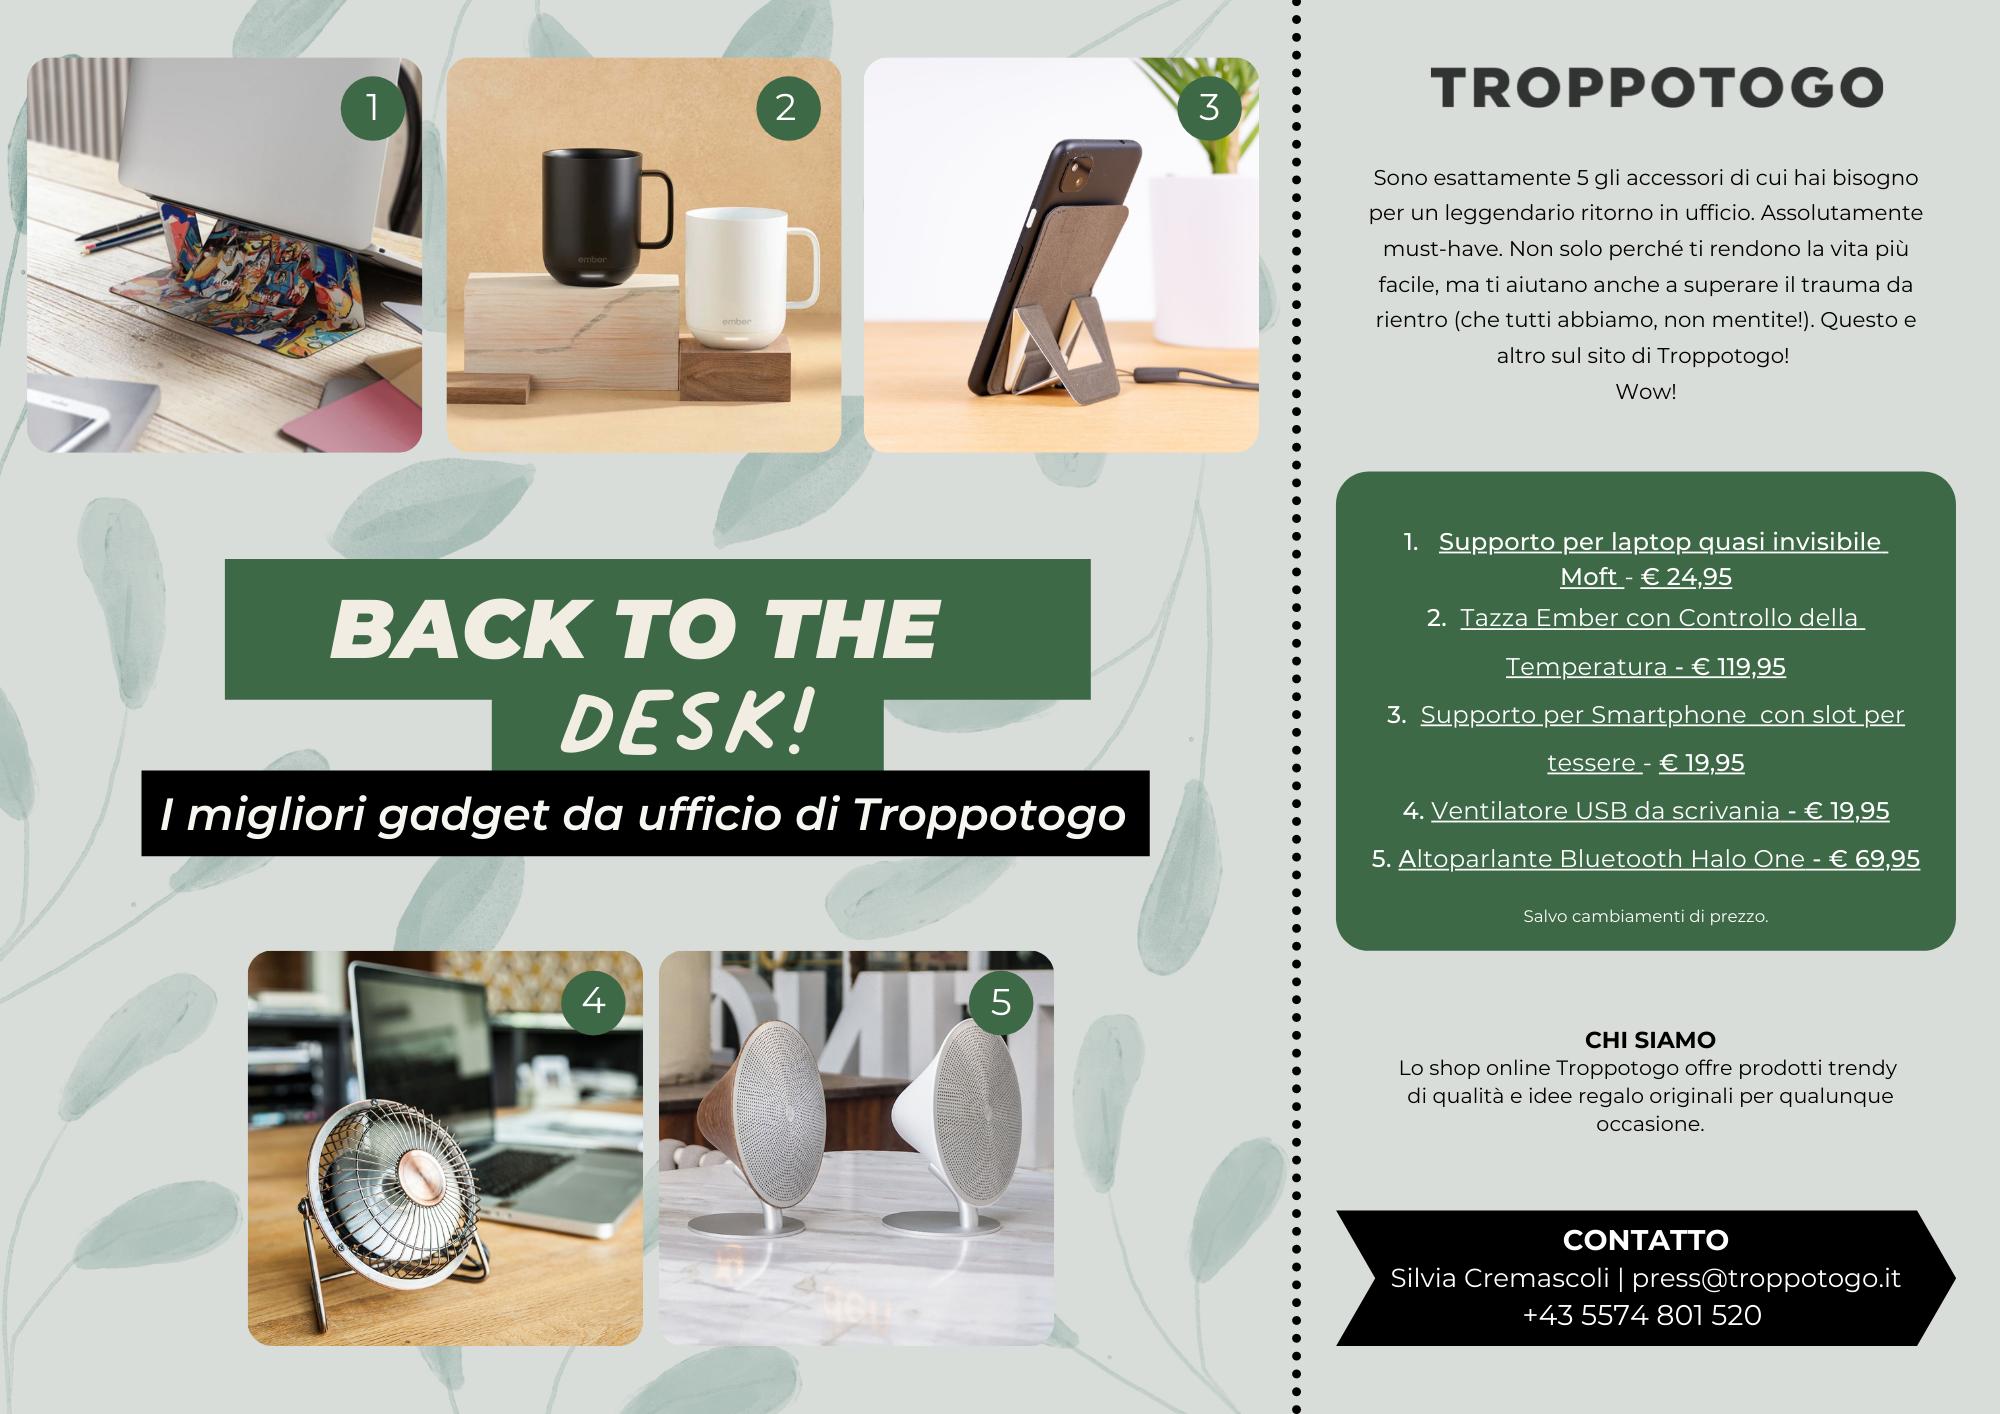 Comunicato Stampa Troppotogo - Back to the desk - Agosto 2021